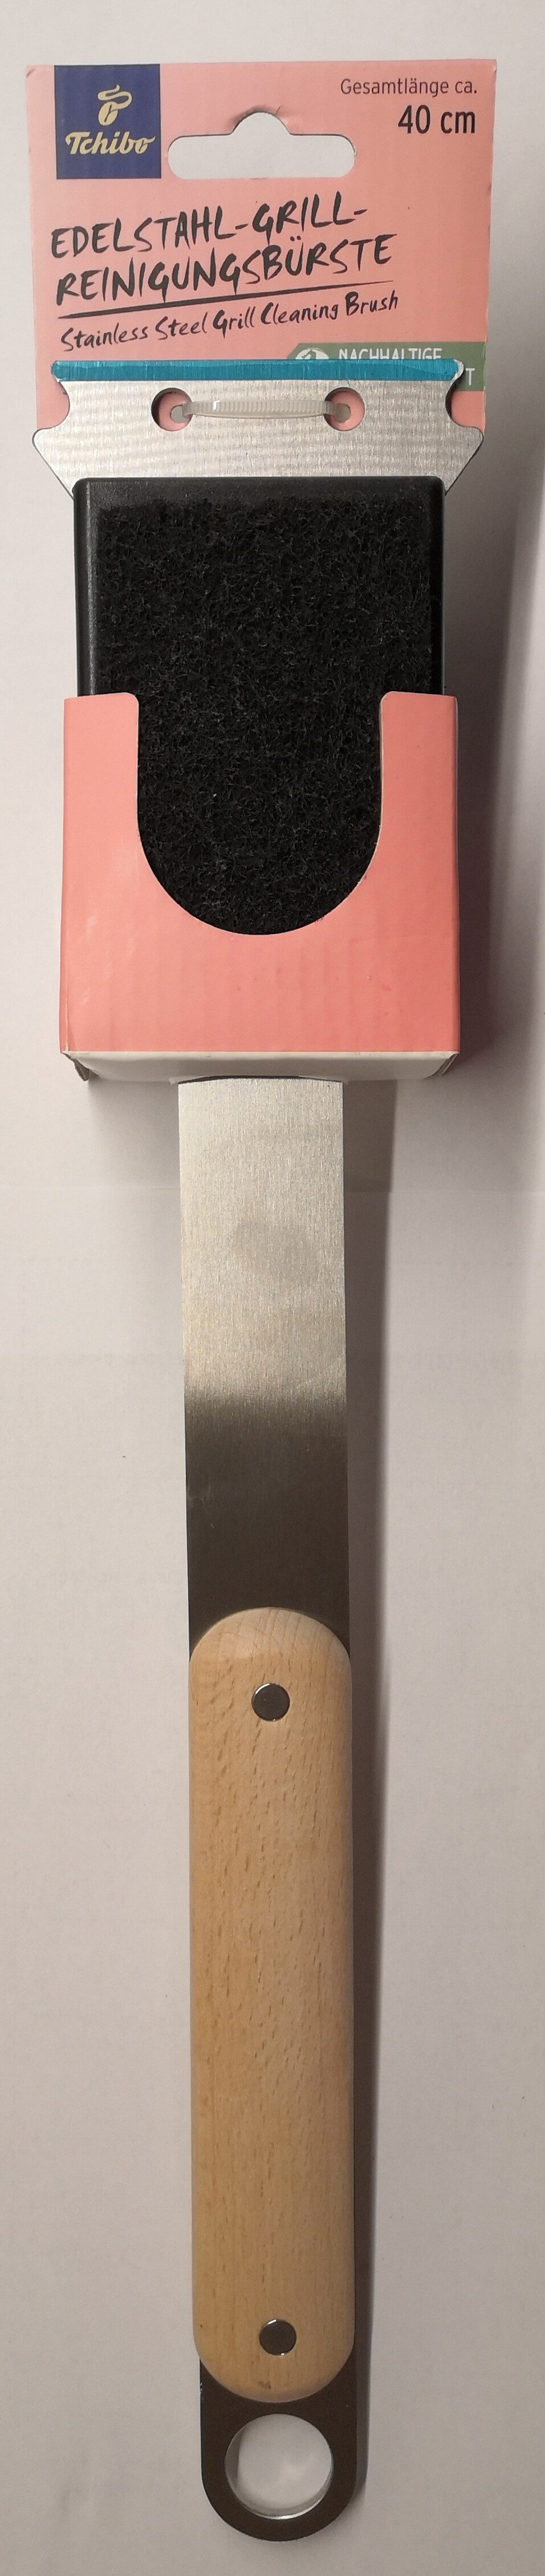 Edelstahl-Grill-Reinigungsbürste - Product - de